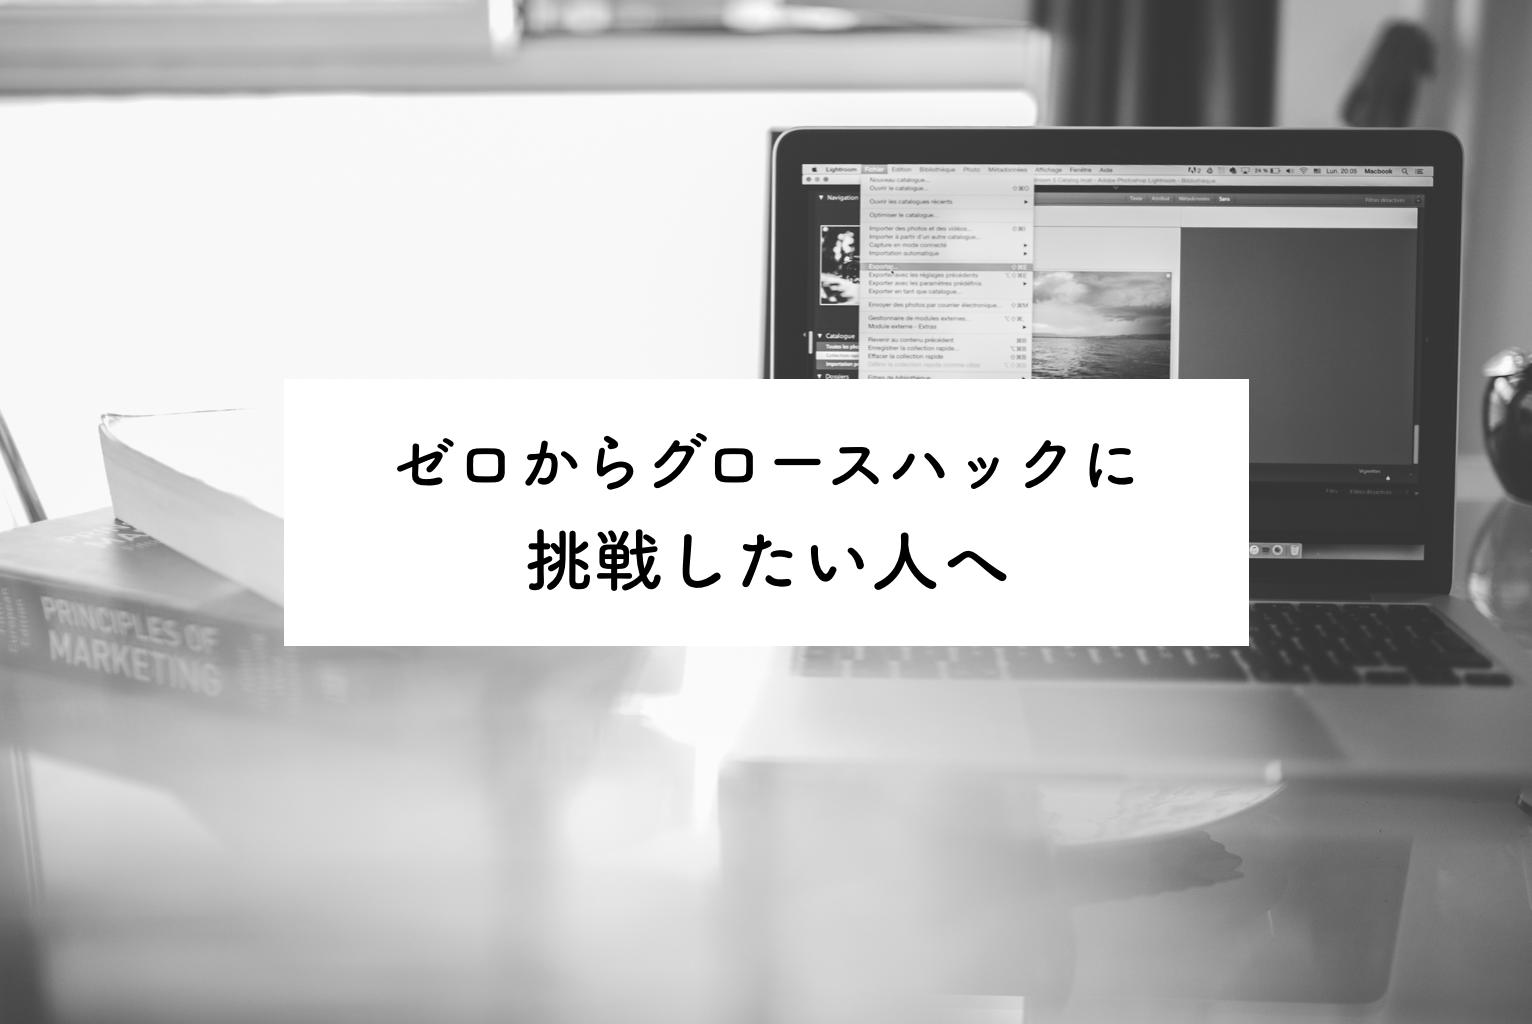 【入門編】ゼロからグロースハックに取り組む手順